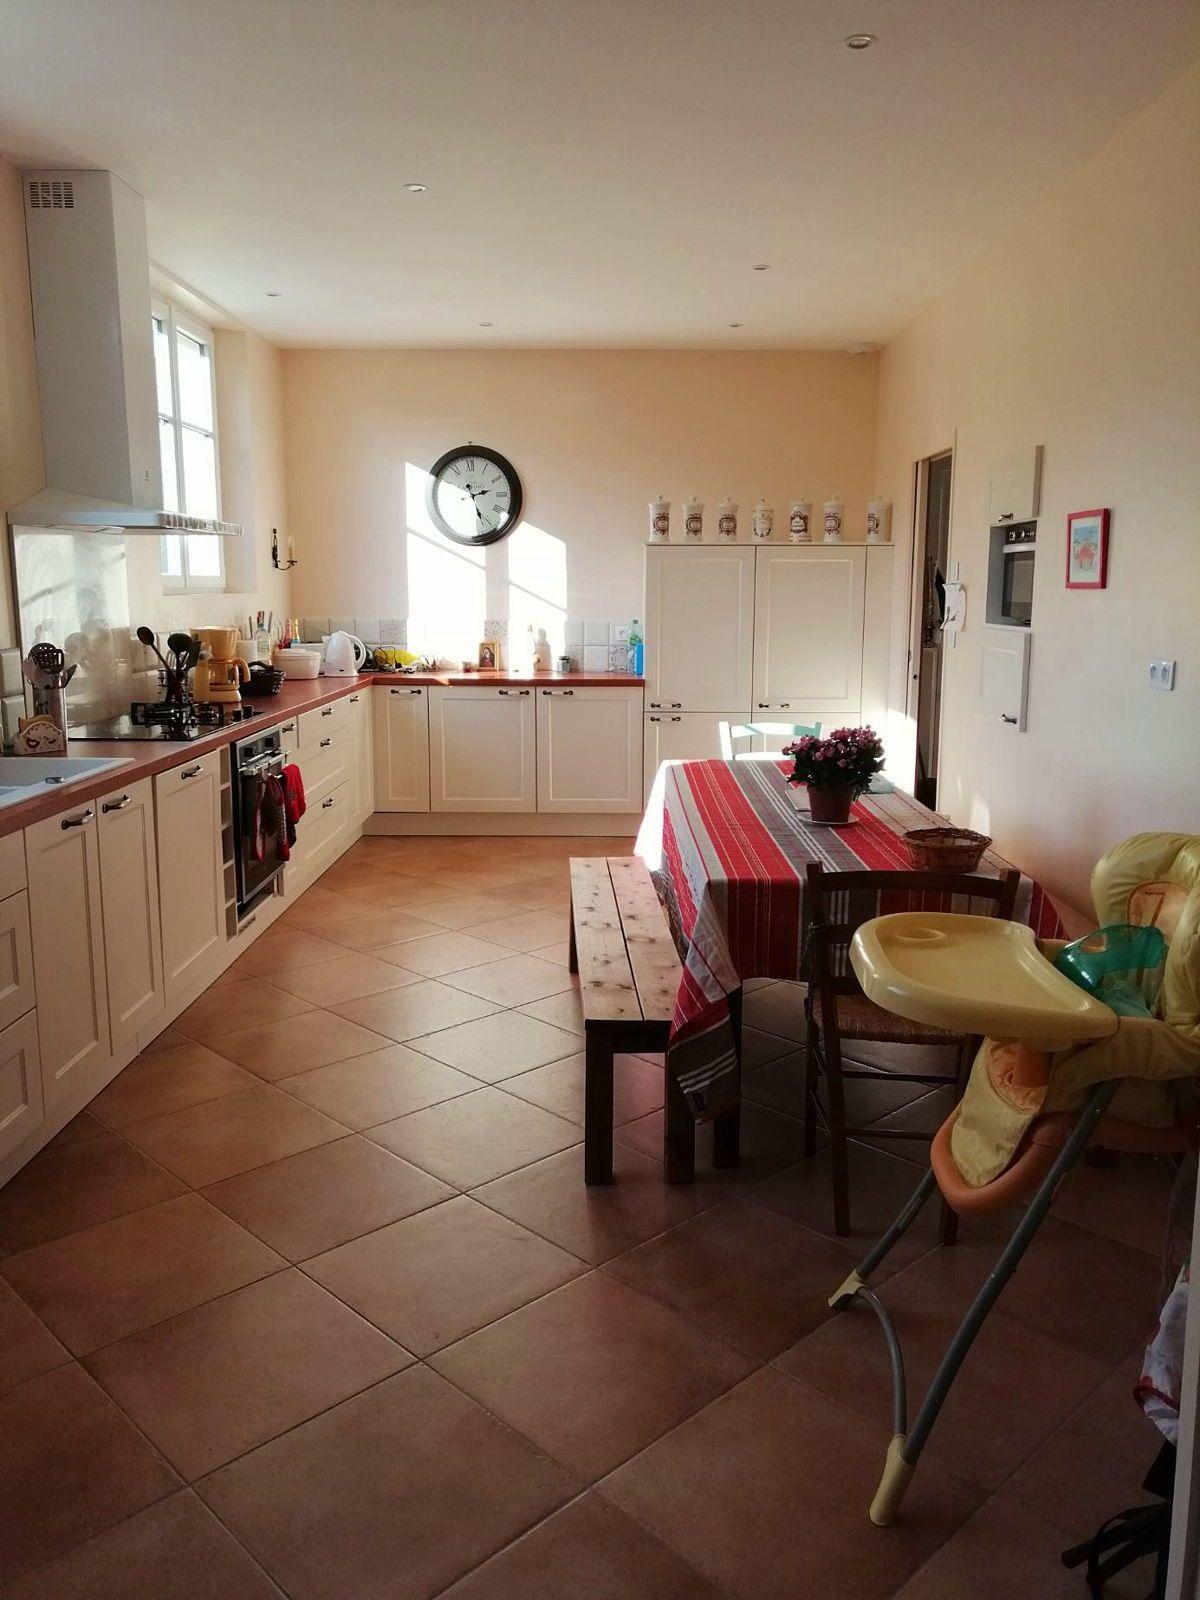 Loue une grande maison entièrement rénovée, de 250m² - 20couchages - Solesmes (72)